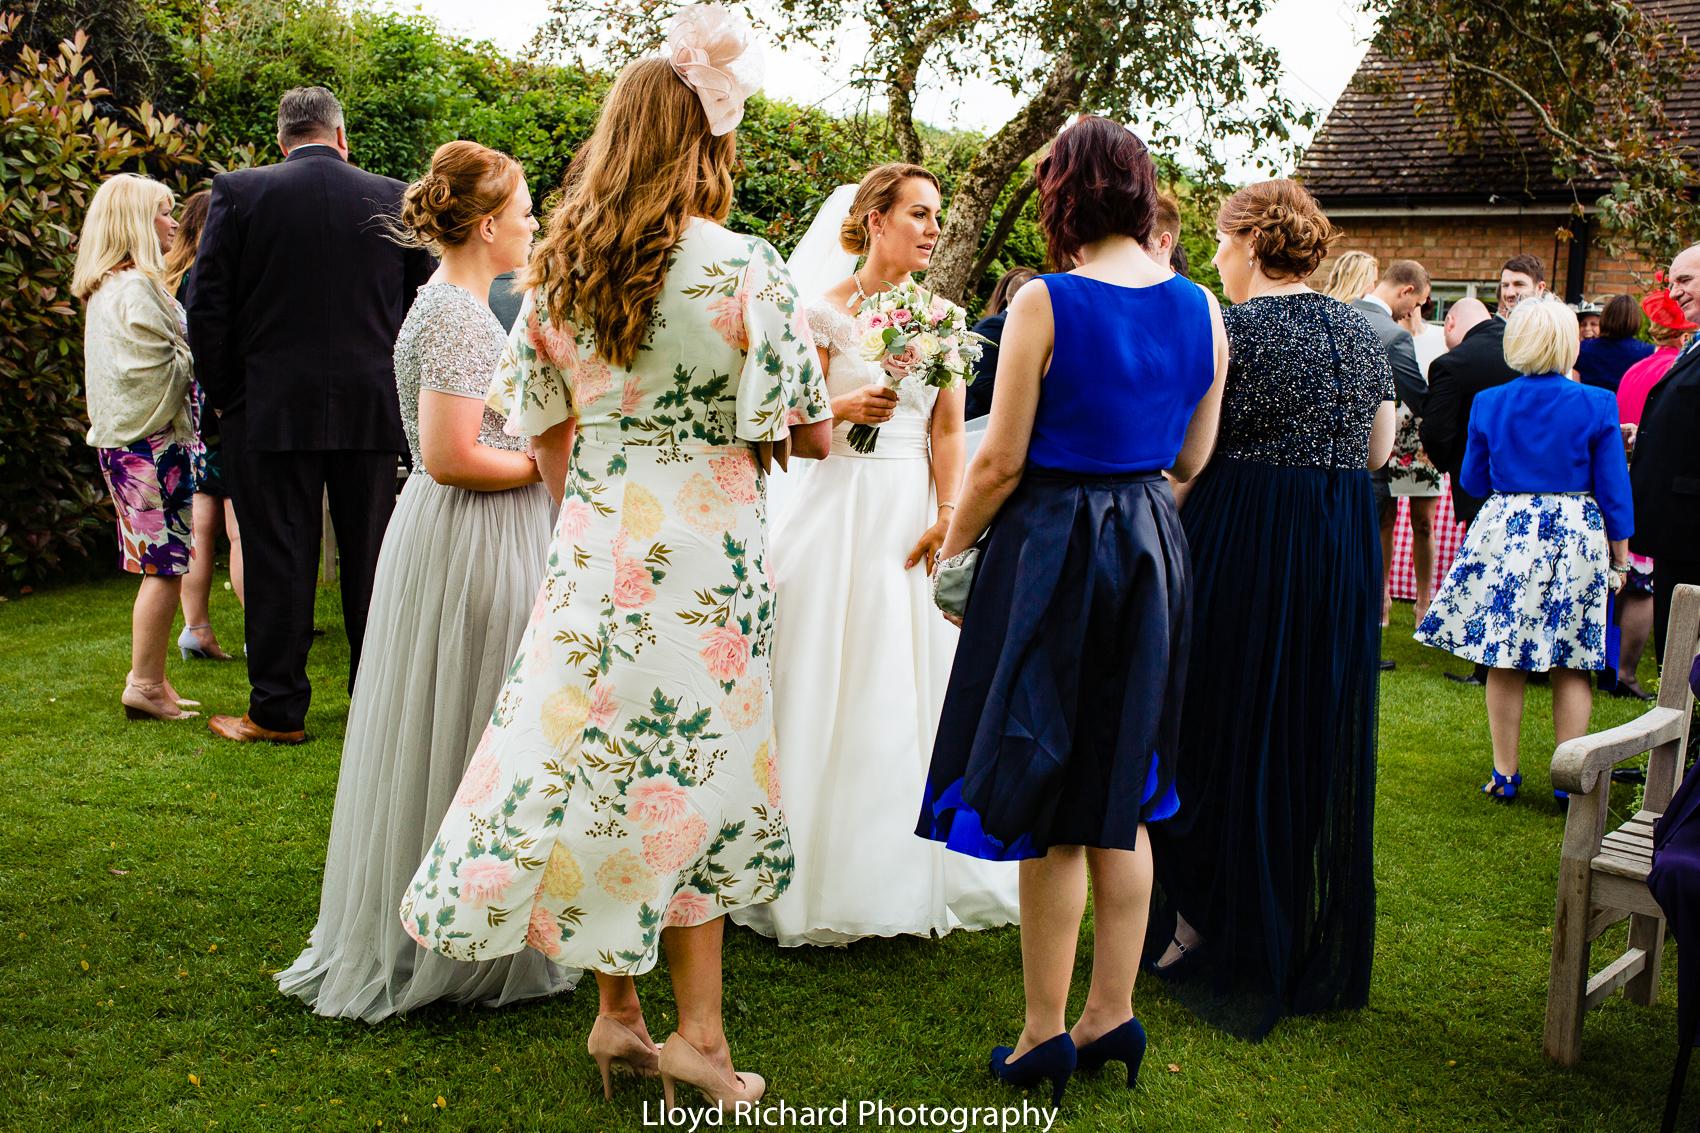 wedding reception at Pitt Hall Barn